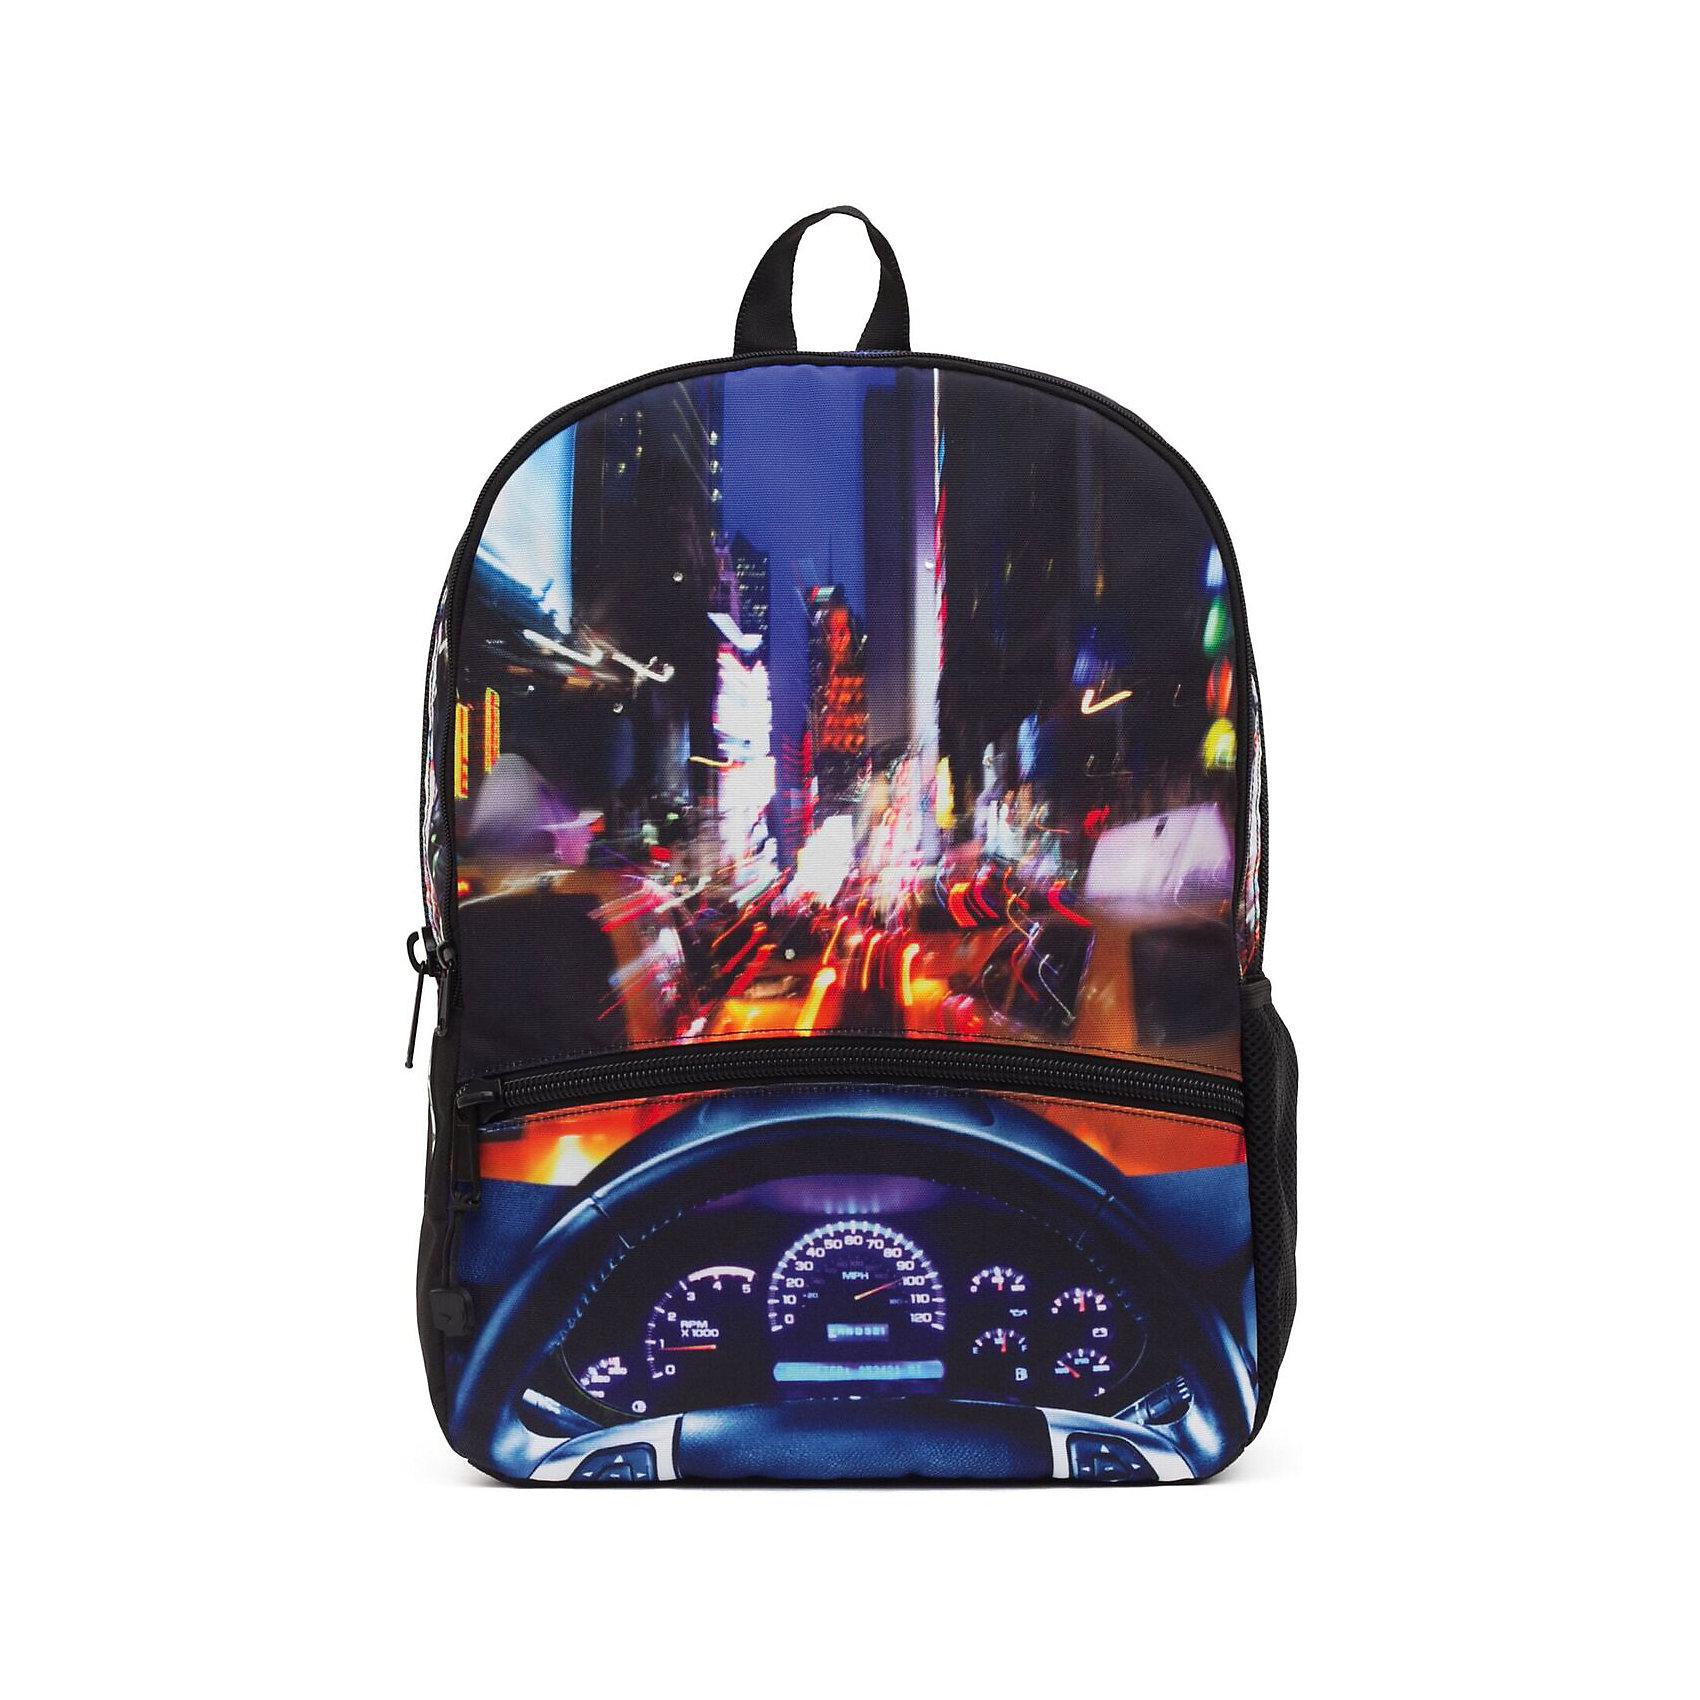 Рюкзак NYC Crusin LED со встроенными светодиодами, цвет мультиРюкзаки<br>Характеристики товара:<br><br>• цвет: мульти;<br>• возраст: от 10 лет;<br>• вес: 0,5 кг;<br>• размер: 43х30х16 см;<br>• выполнен из водоотталкивающей ткани с полиуретановым слоем;<br>• вместительный;<br>• внутри два отделения;<br>• прочная текстильная ручка;<br>• лямки регулируются по высоте;<br>• ремни, спинка и дно рюкзака сделаны из уплотненной ткани;<br>• материал: полиэстер;<br>• страна бренда: США;<br>• страна изготовитель: Китай.<br><br>Стильный и невероятно удобный рюкзак Mojo Pax пригодится и в школе, и на тренировке, а также в поездке. <br><br>Рюкзак с изображением Нью-Йорка украшен встроенными светодиодами (работают от батареек). Лампочки будут светиться и мигать при движении. Как только вы остановитесь, рюкзак успокоится вместе с вами.<br><br>Рюкзак Mojo Pax «NYC Crusin LED» можно купить в нашем интернет-магазине.<br><br>Ширина мм: 430<br>Глубина мм: 300<br>Высота мм: 160<br>Вес г: 500<br>Возраст от месяцев: 120<br>Возраст до месяцев: 720<br>Пол: Унисекс<br>Возраст: Детский<br>SKU: 7054130